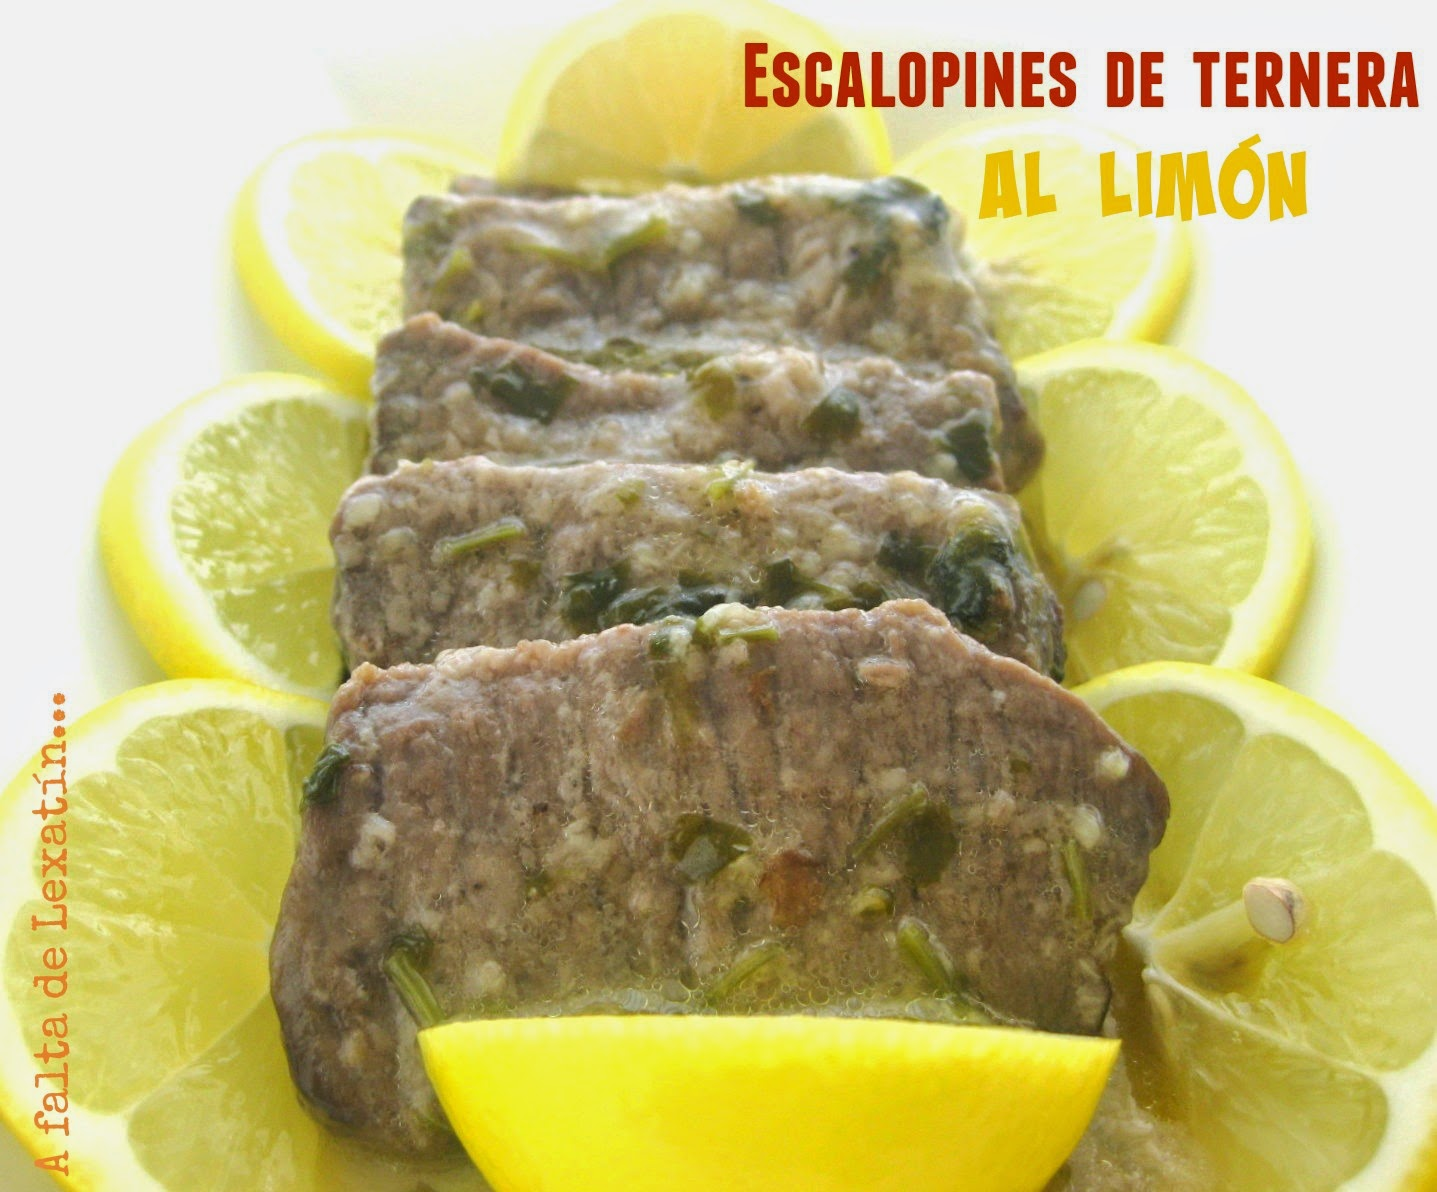 Escalopines de ternera al limón